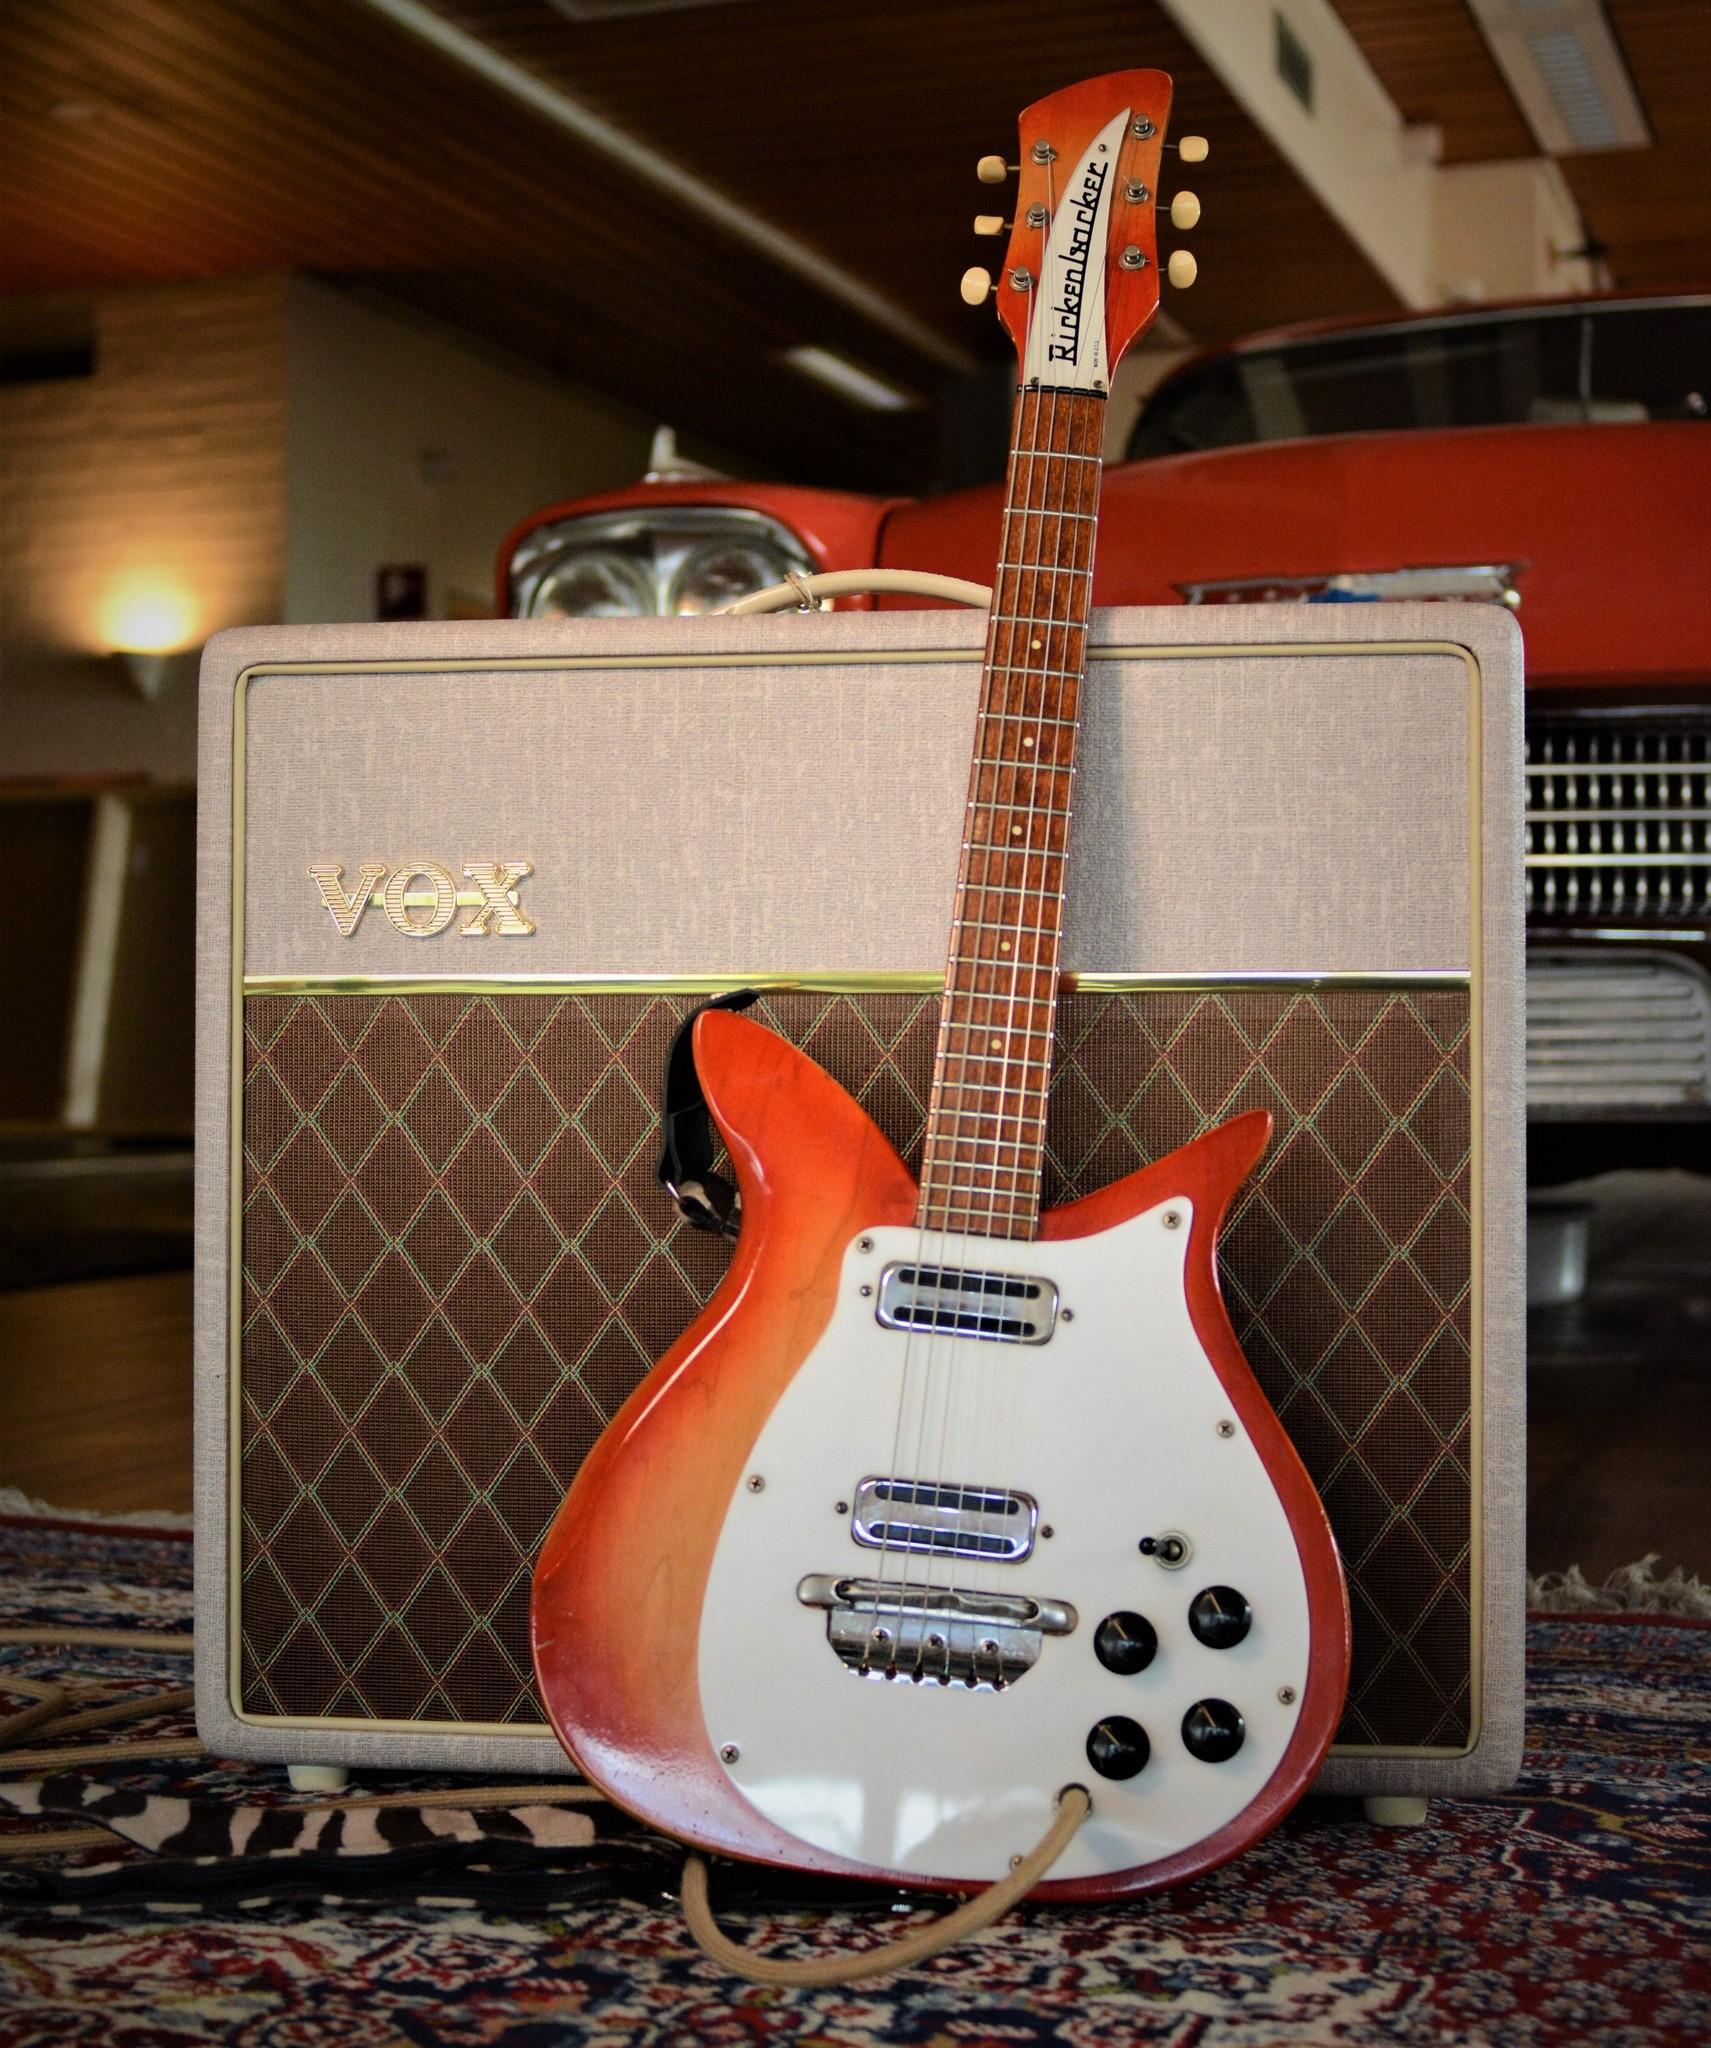 De meest veelzijdige elektrische gitaar voor minder dan €2000,-!